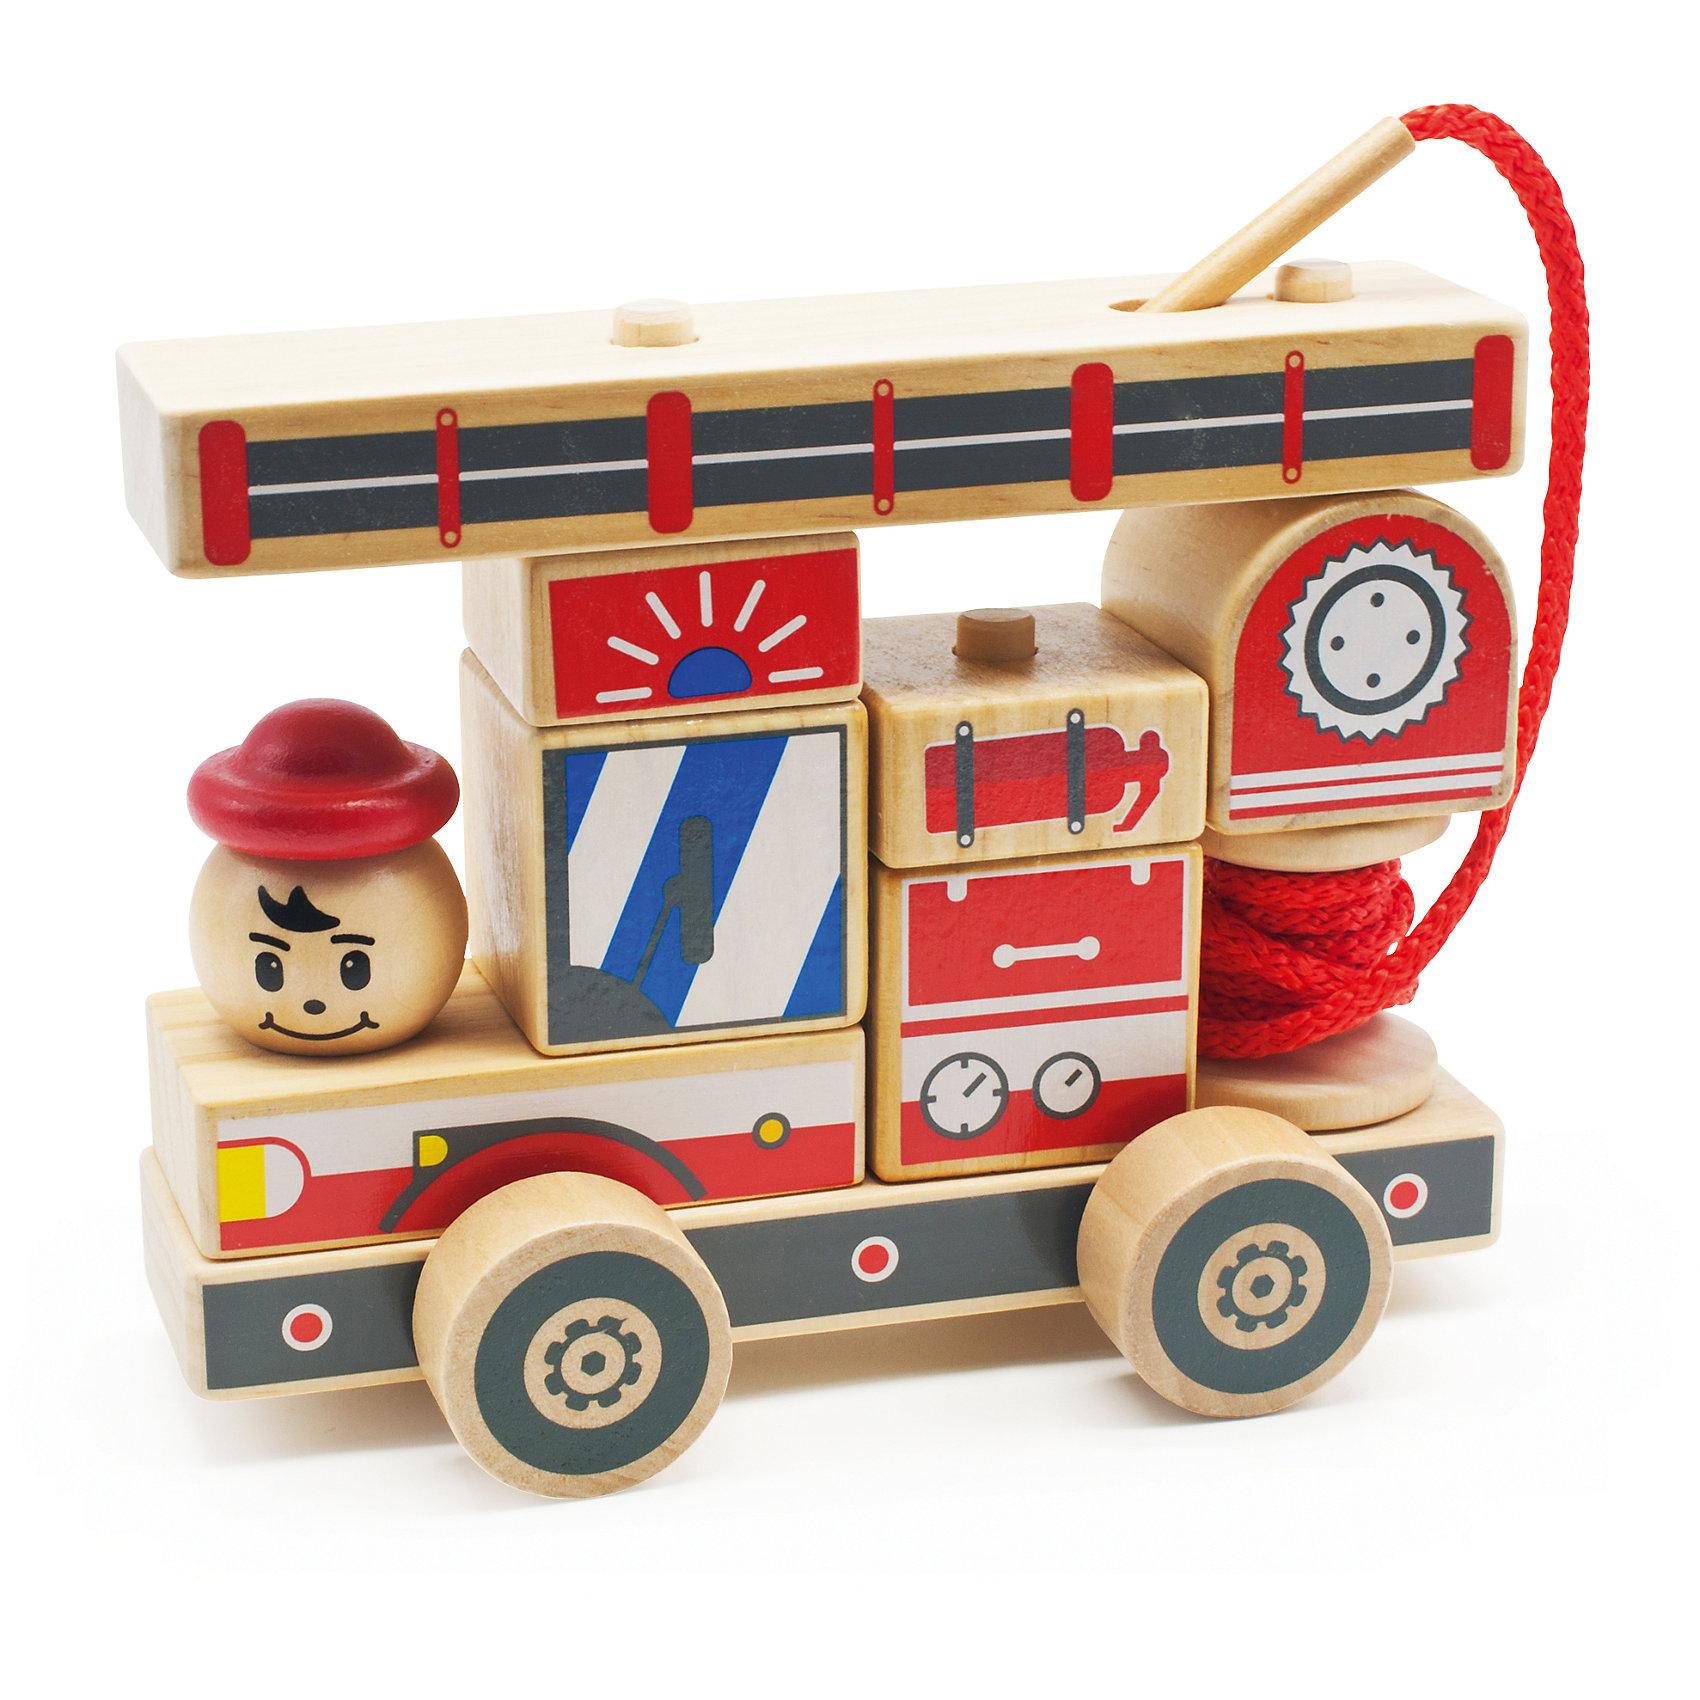 Автомобиль-конструктор 2, Мир деревянных игрушекДеревянные конструкторы<br>Этот яркий автомобильчик придется по вкусу всем юным автолюбителям! Секрет его в том, что он состоит из отдельных кубиков и деталей. Ребенку будет интересно самому собрать оригинальную машинку и потом весело играть с ней. Надо лишь надеть нужные детали на деревянные штырьки на платформе с колесами - и машинка готова! <br>Все детали автомобиля выполнены из натурального дерева, раскрашены гипоаллергенными нетоксичными красителями, не имеют острых углов, прекрасно обработаны - абсолютно безопасны для детей. <br>Игры с конструктором развивают у малышей моторику рук, внимание, пространственного воображение и фантазию. <br><br>Дополнительная информация:<br><br>- Возраст: от 3-х лет.<br>- Материал: дерево. <br>- Размер игрушки: 17 см. <br>- Количество деталей: 12.<br><br>Автомобиль-конструктор 2 можно купить в нашем магазине.<br><br>Ширина мм: 180<br>Глубина мм: 90<br>Высота мм: 145<br>Вес г: 471<br>Возраст от месяцев: 36<br>Возраст до месяцев: 2147483647<br>Пол: Унисекс<br>Возраст: Детский<br>SKU: 4895900